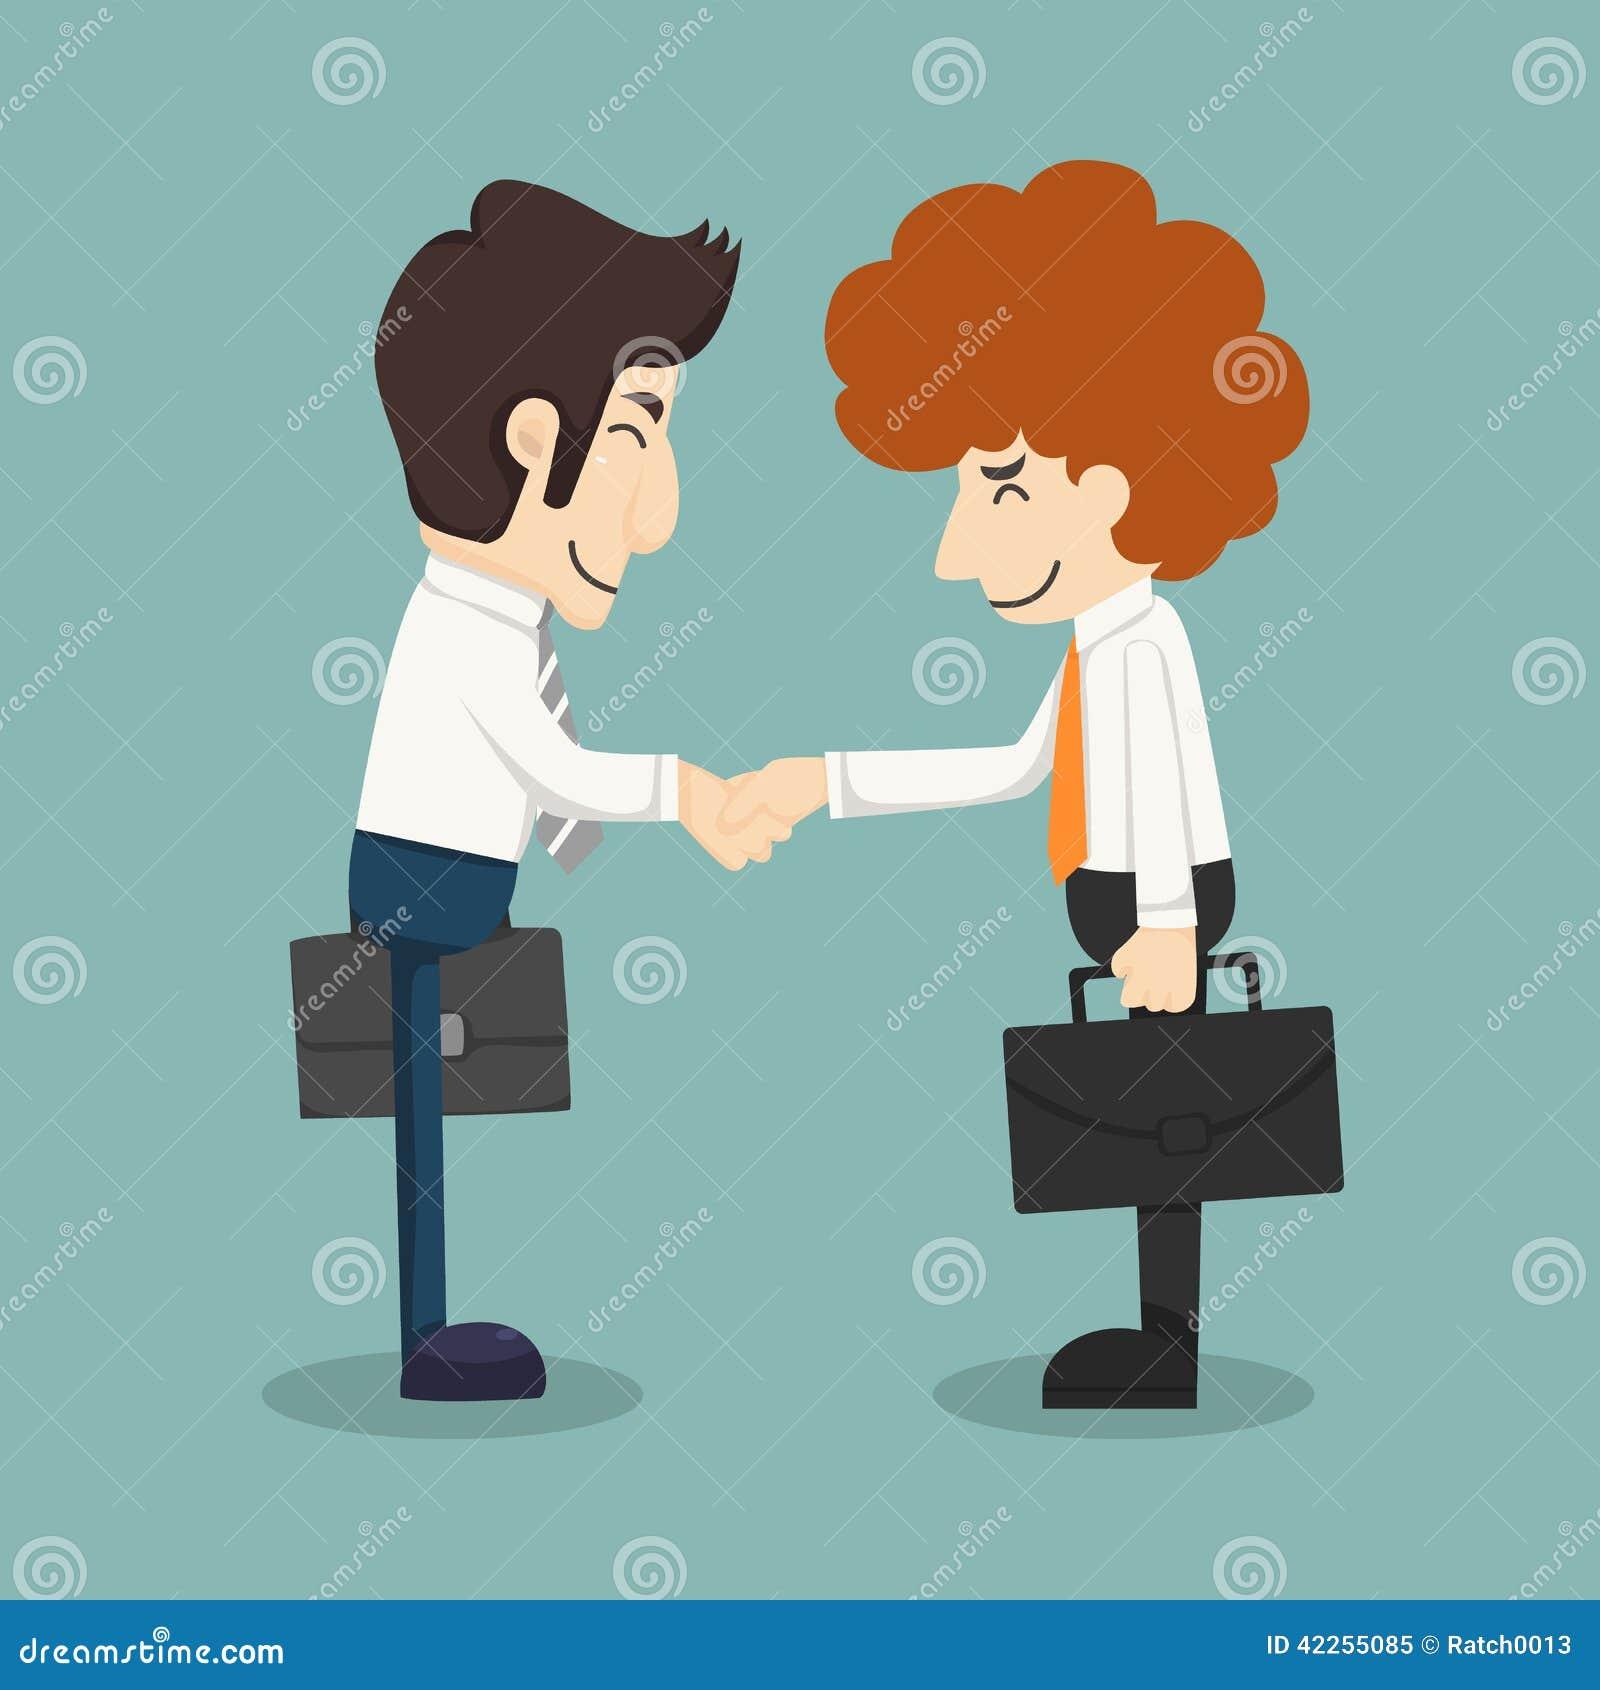 商人握手,做成交的商人图片